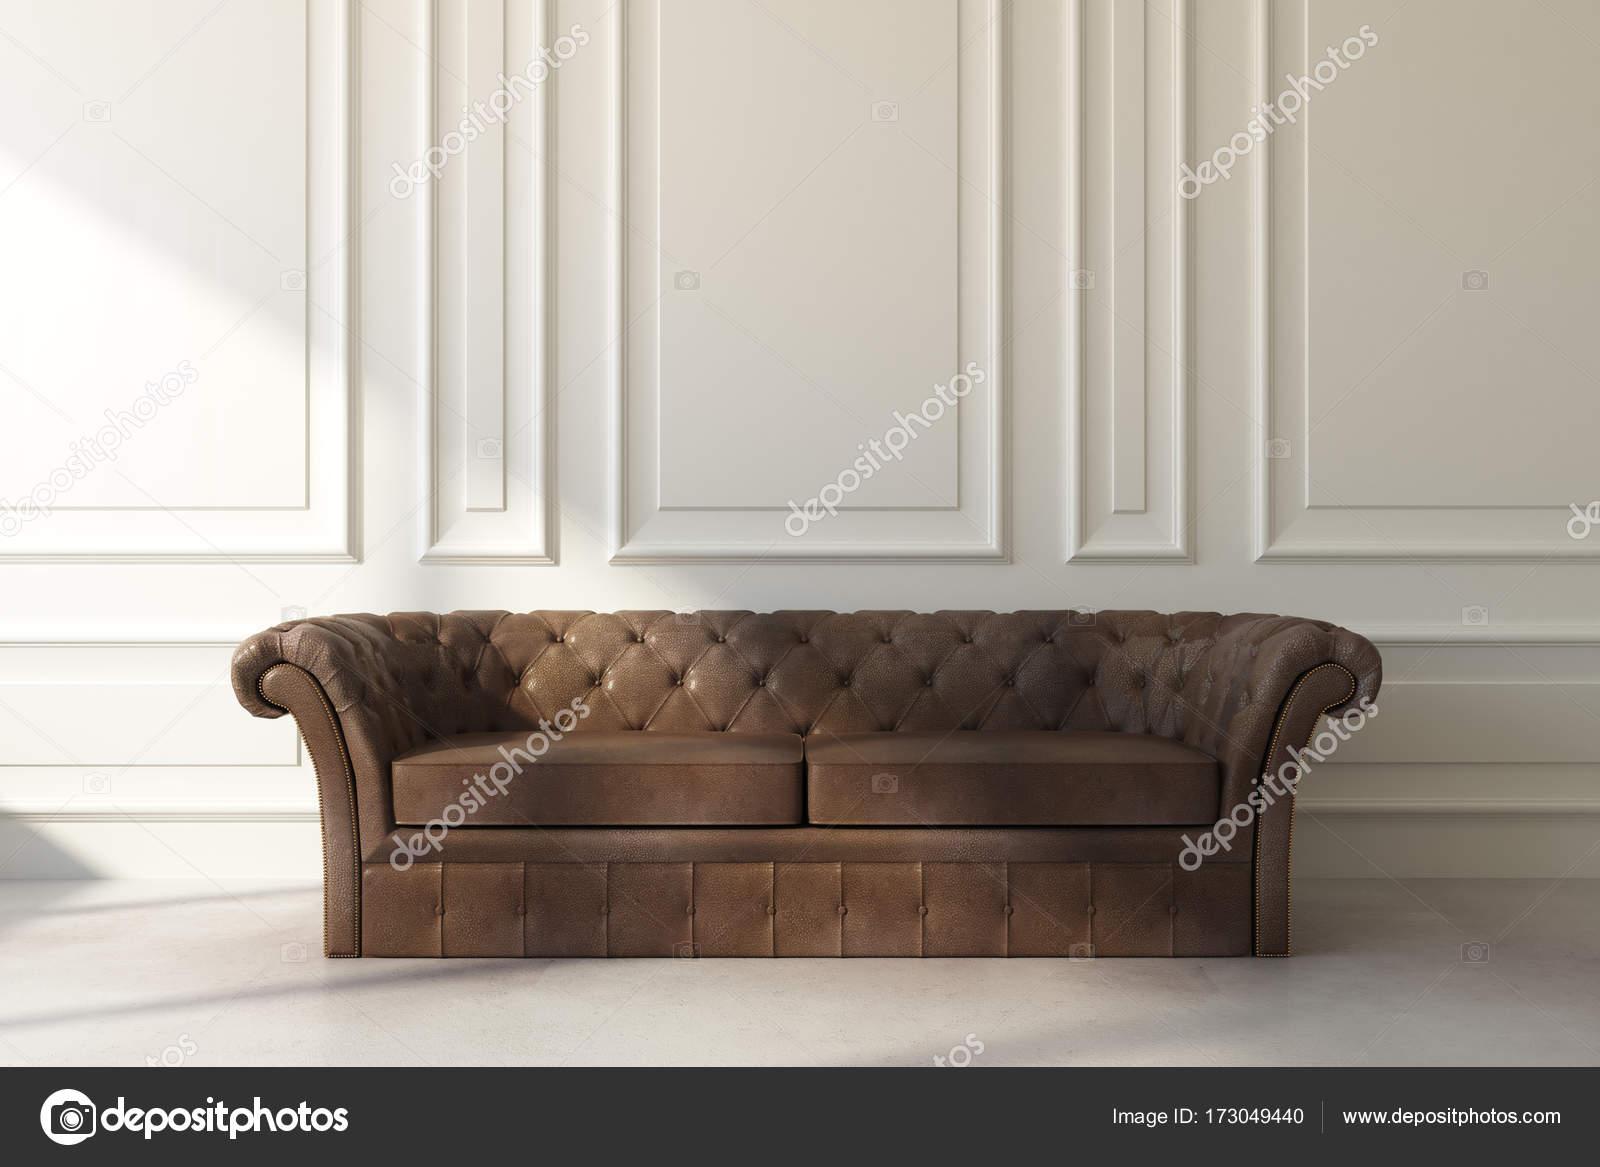 Braune Ledercouch Im Classic Zimmer Stockfoto Peshkova